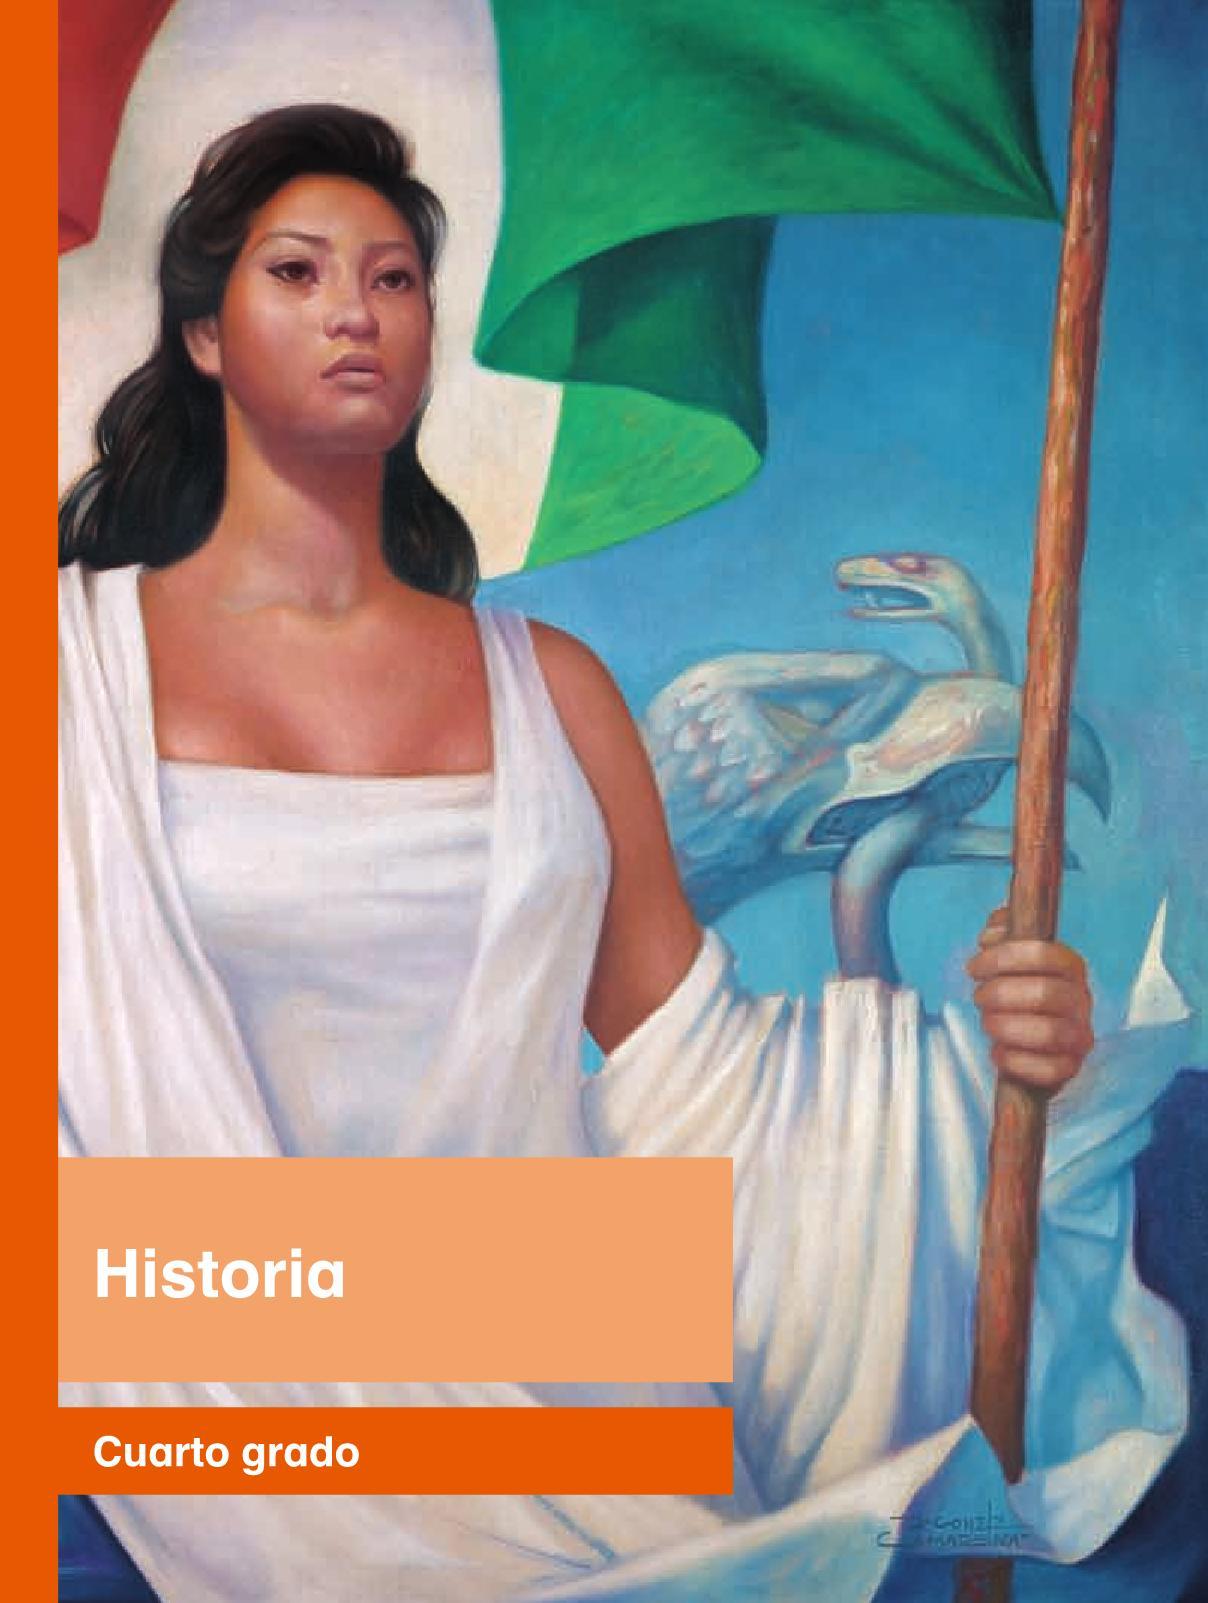 HistoriacuartoPagina 1